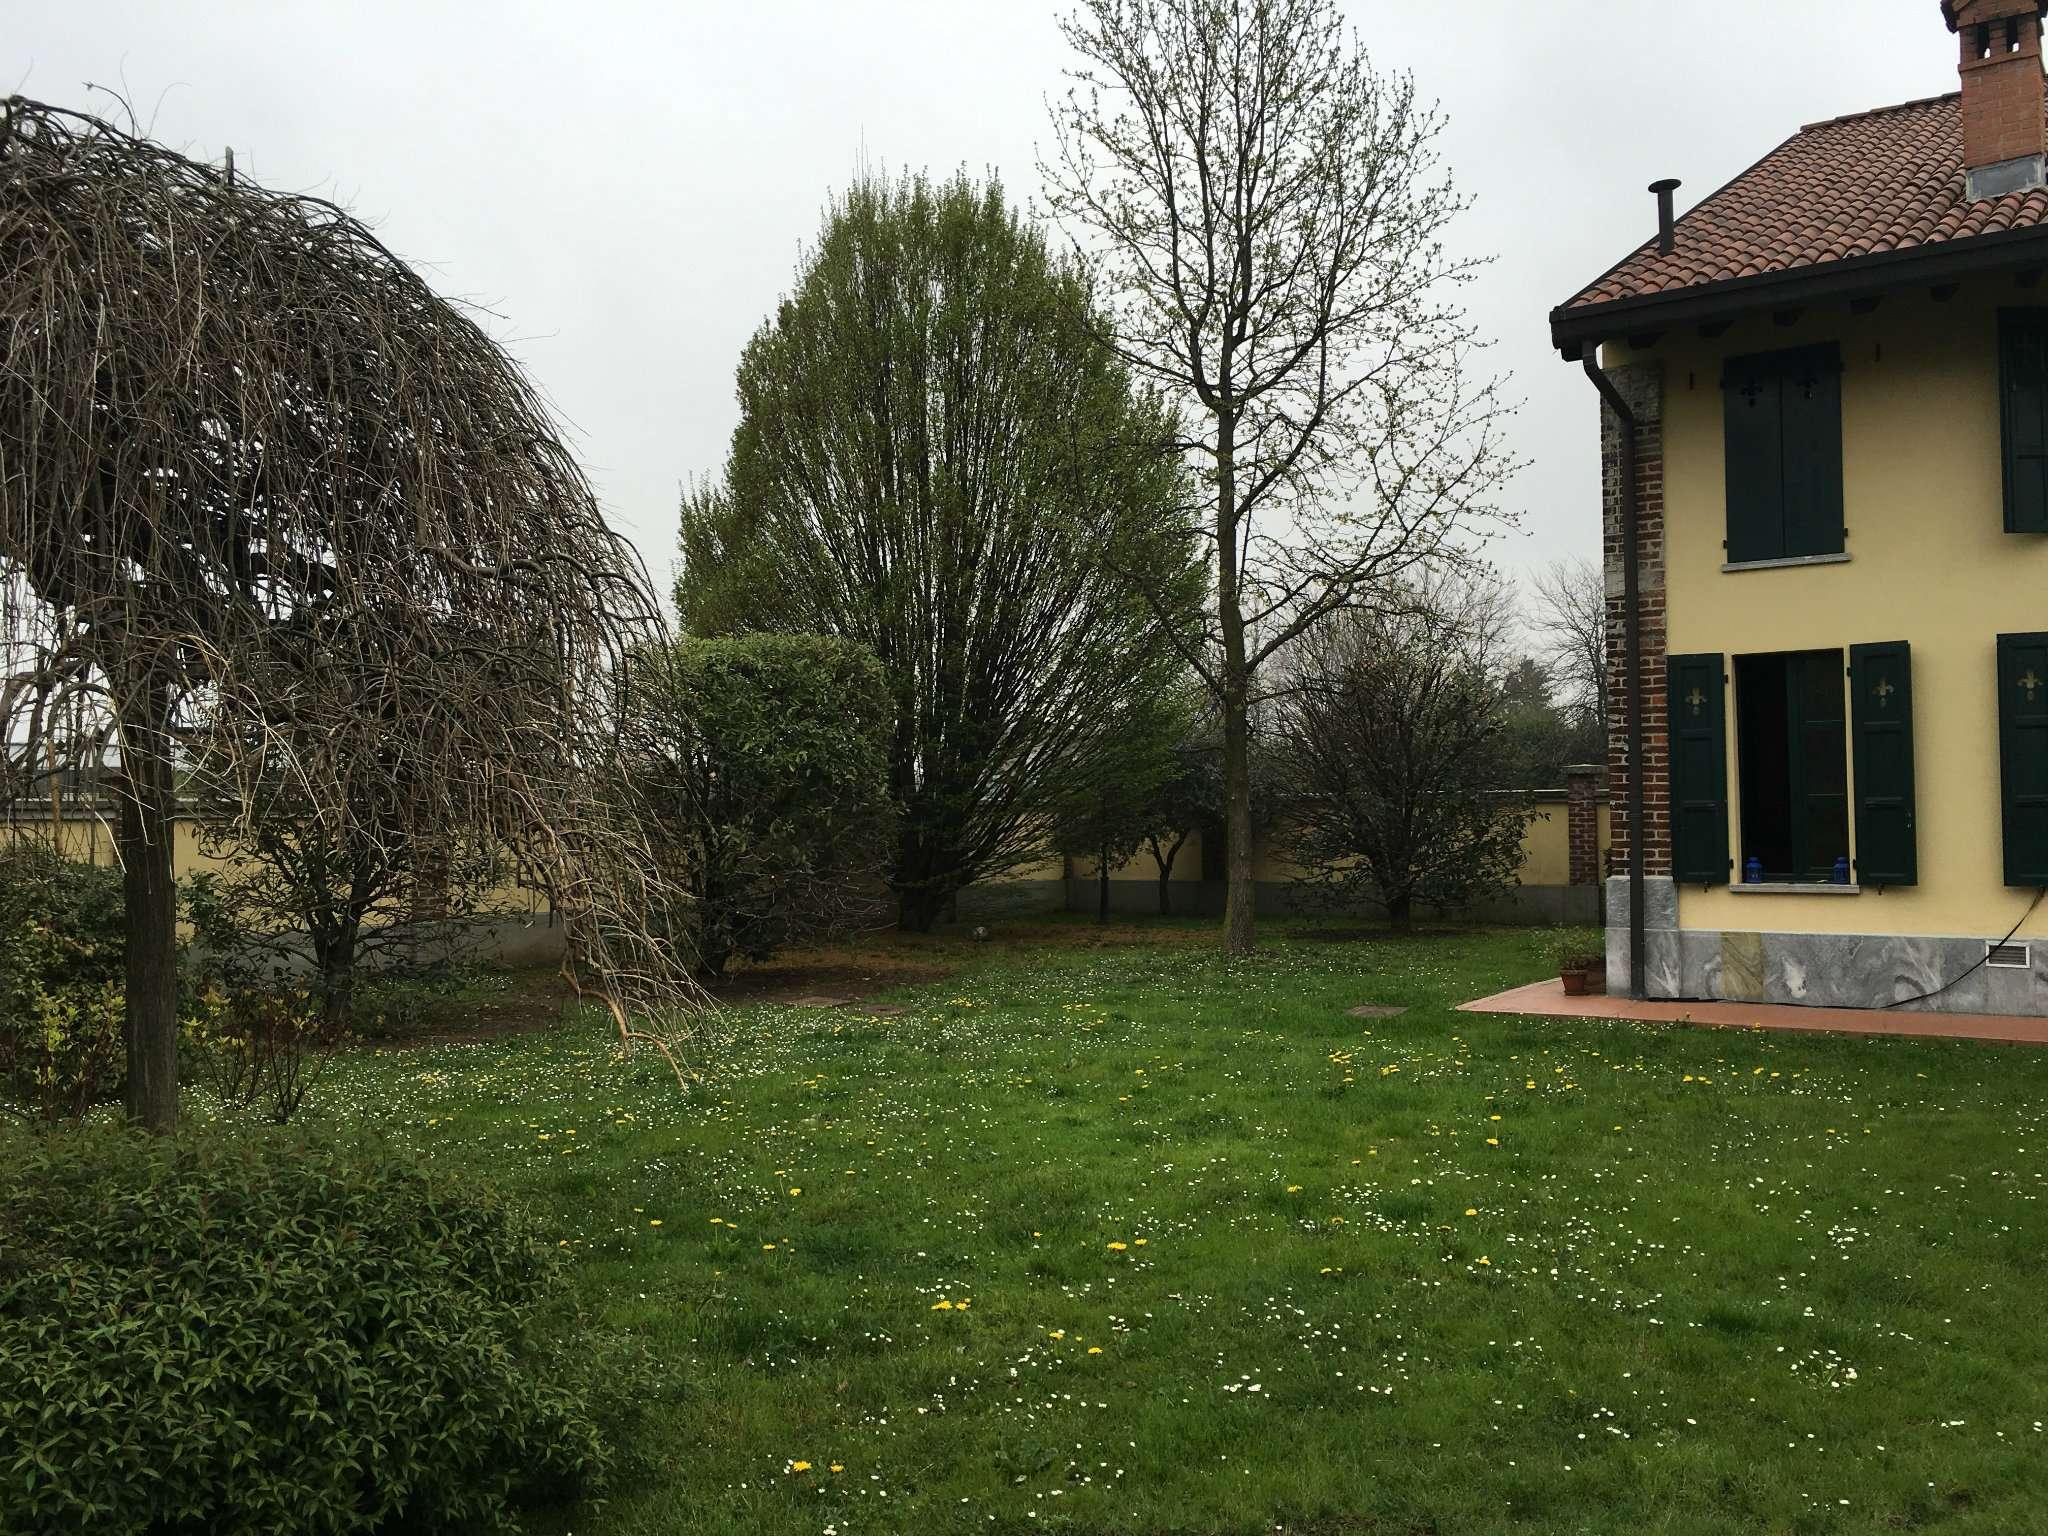 Villa in affitto a Seregno, 9 locali, prezzo € 1.100 | Cambio Casa.it